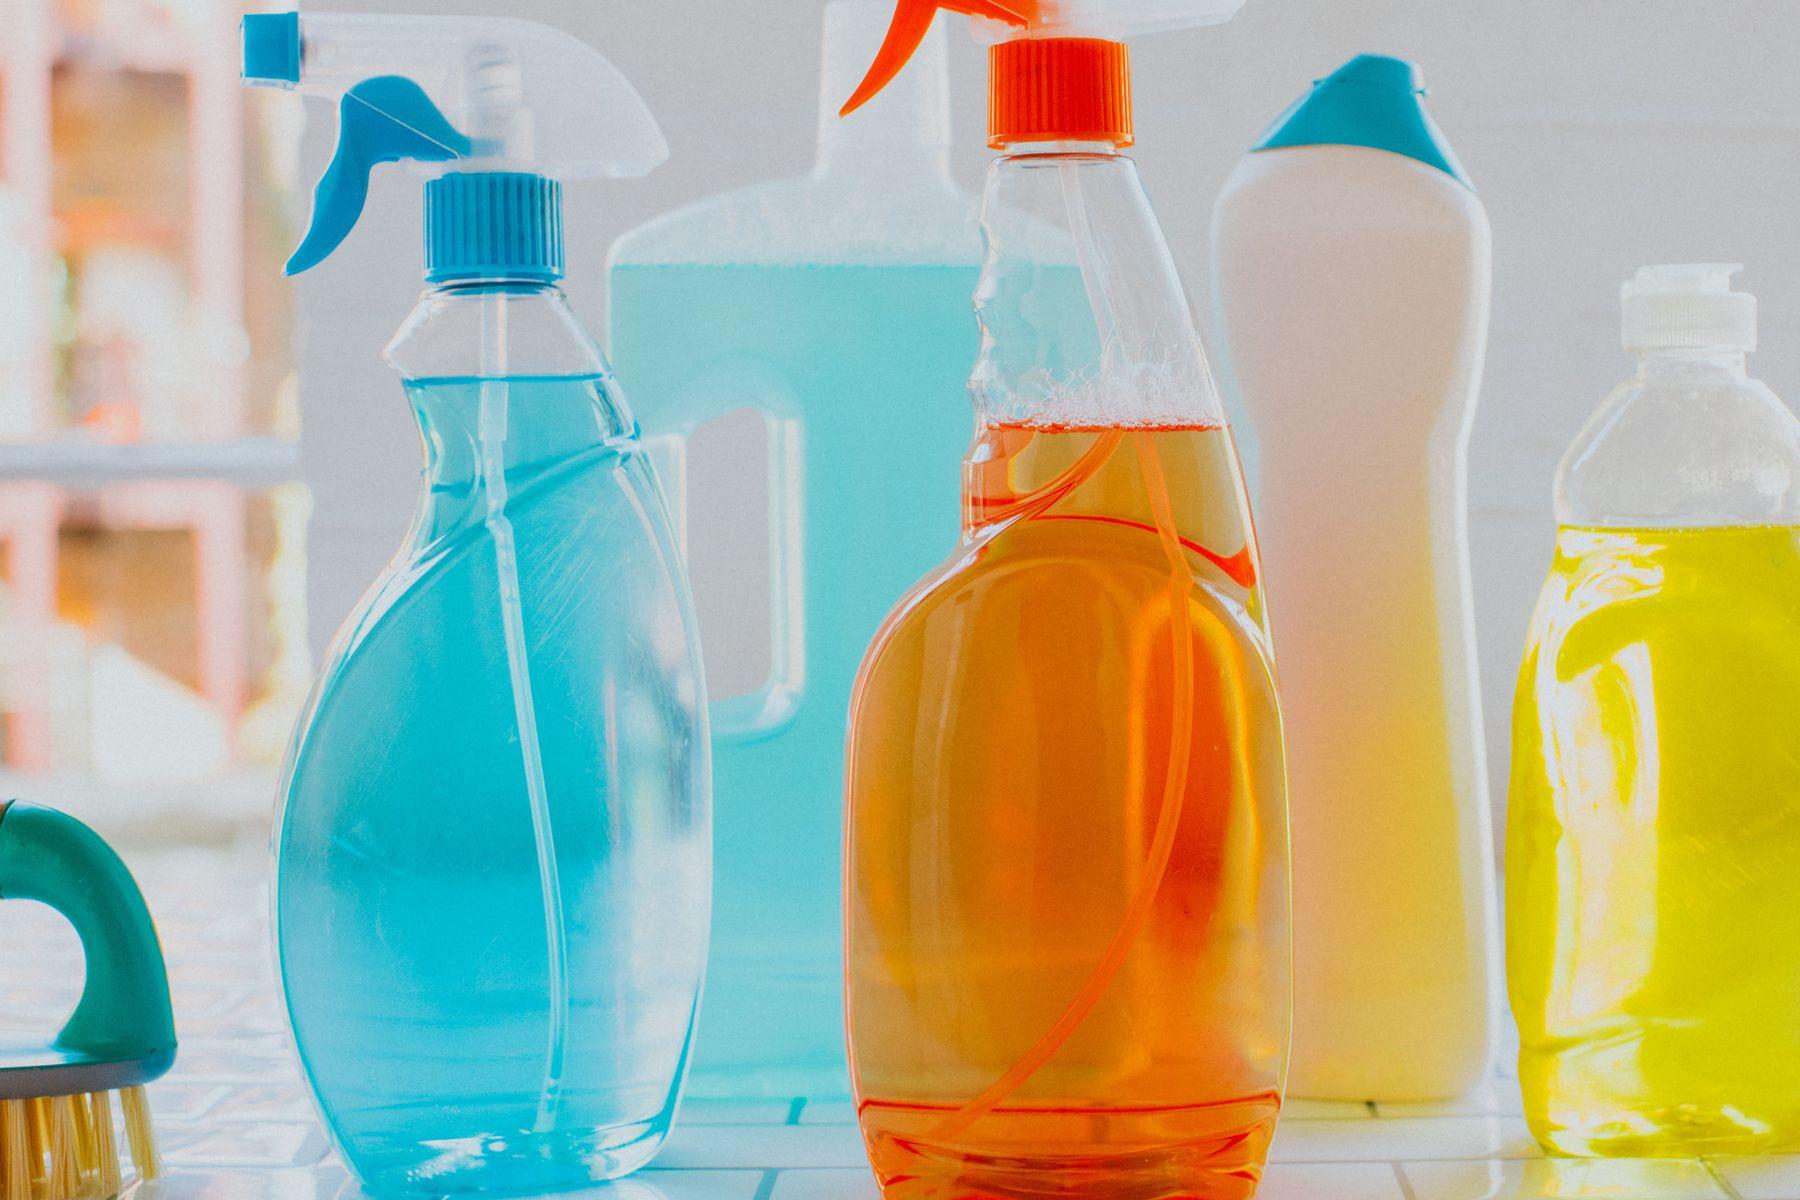 mutfak dolabındaki yağların temizliği